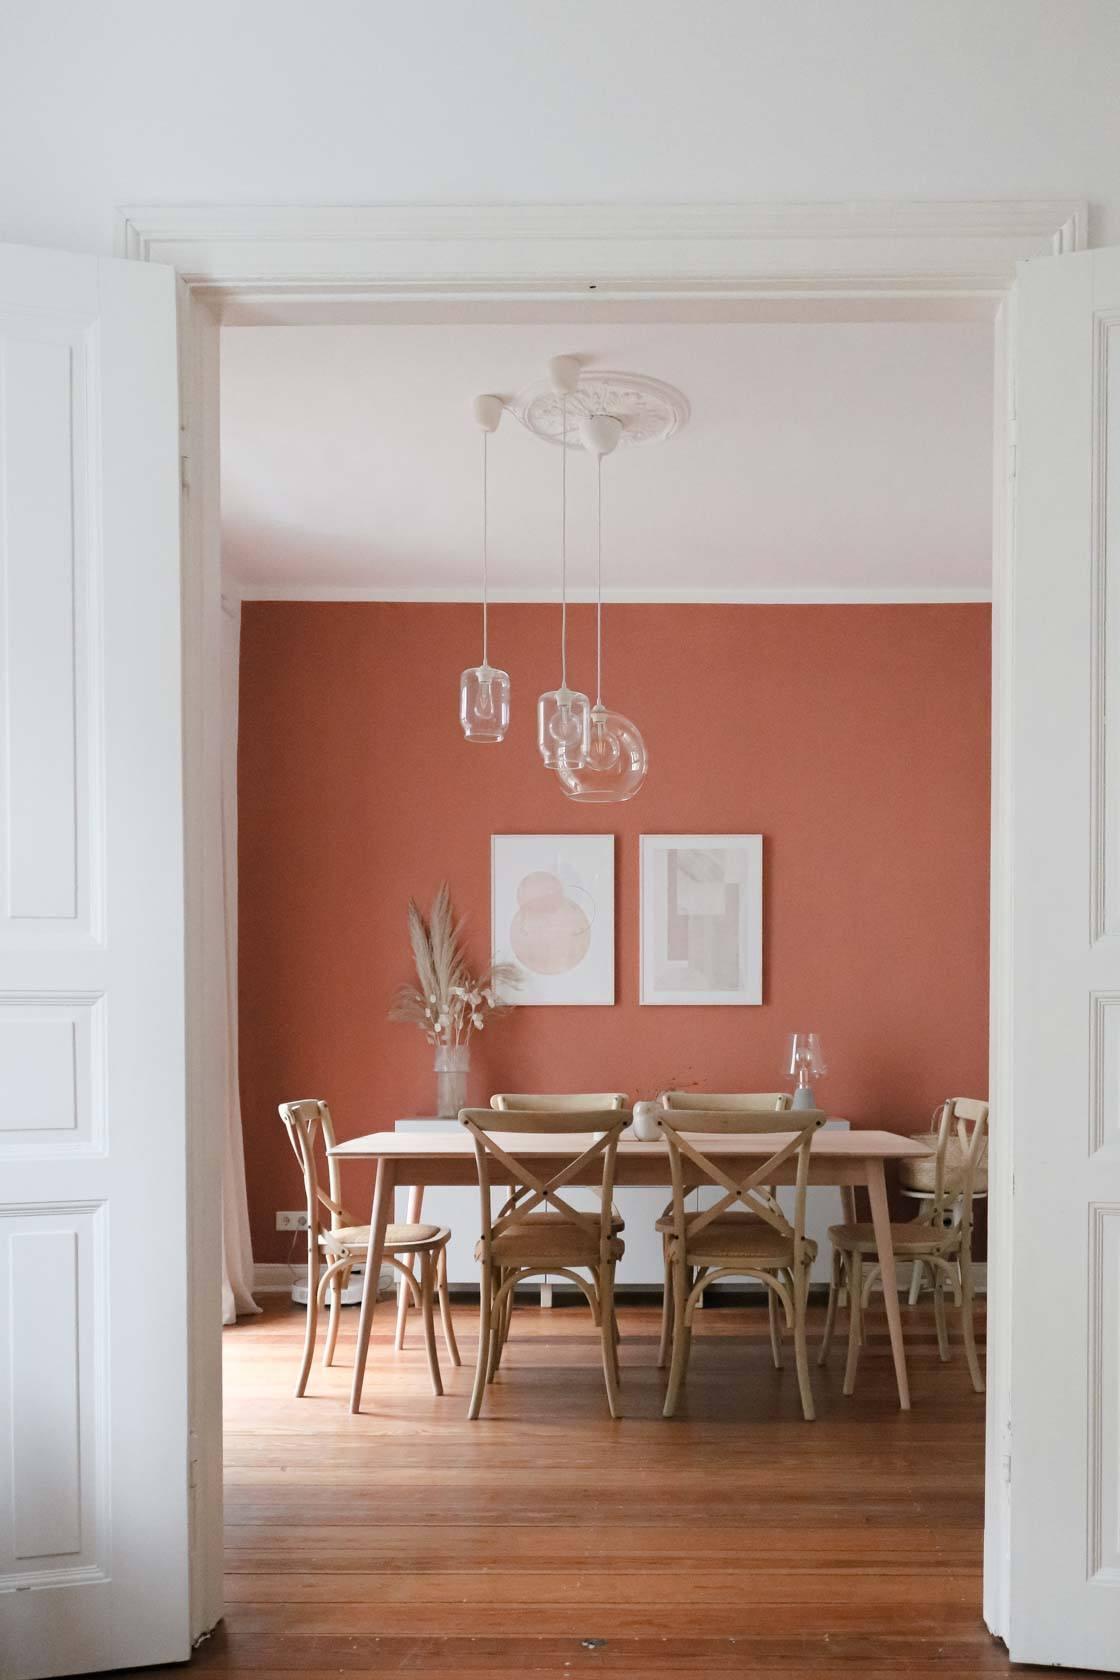 Full Size of Moderne Landhausküche Modernes Bett 180x200 Sofa Duschen Esstische Deckenleuchte Wohnzimmer Bilder Fürs Wohnzimmer Moderne Wandfarben